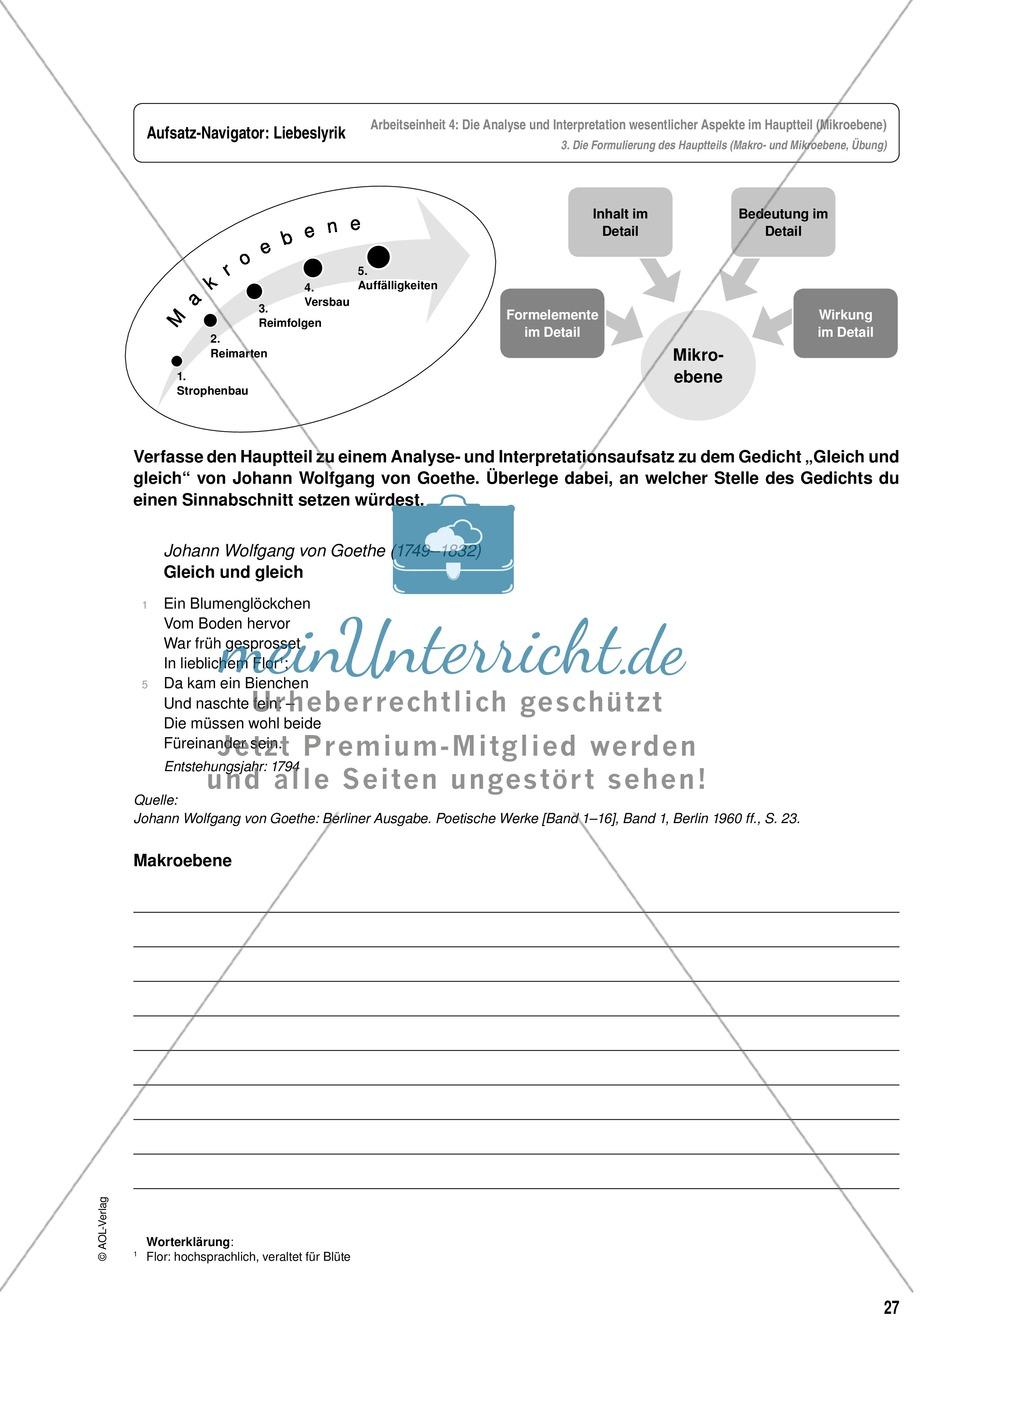 Arbeitseinheit zur Gestaltung einer Analyse / Interpretation von Liebeslyrik - Die Analyse und Interpretation wesentlicher Aspekte im Hauptteil (Mikroebene) Preview 4